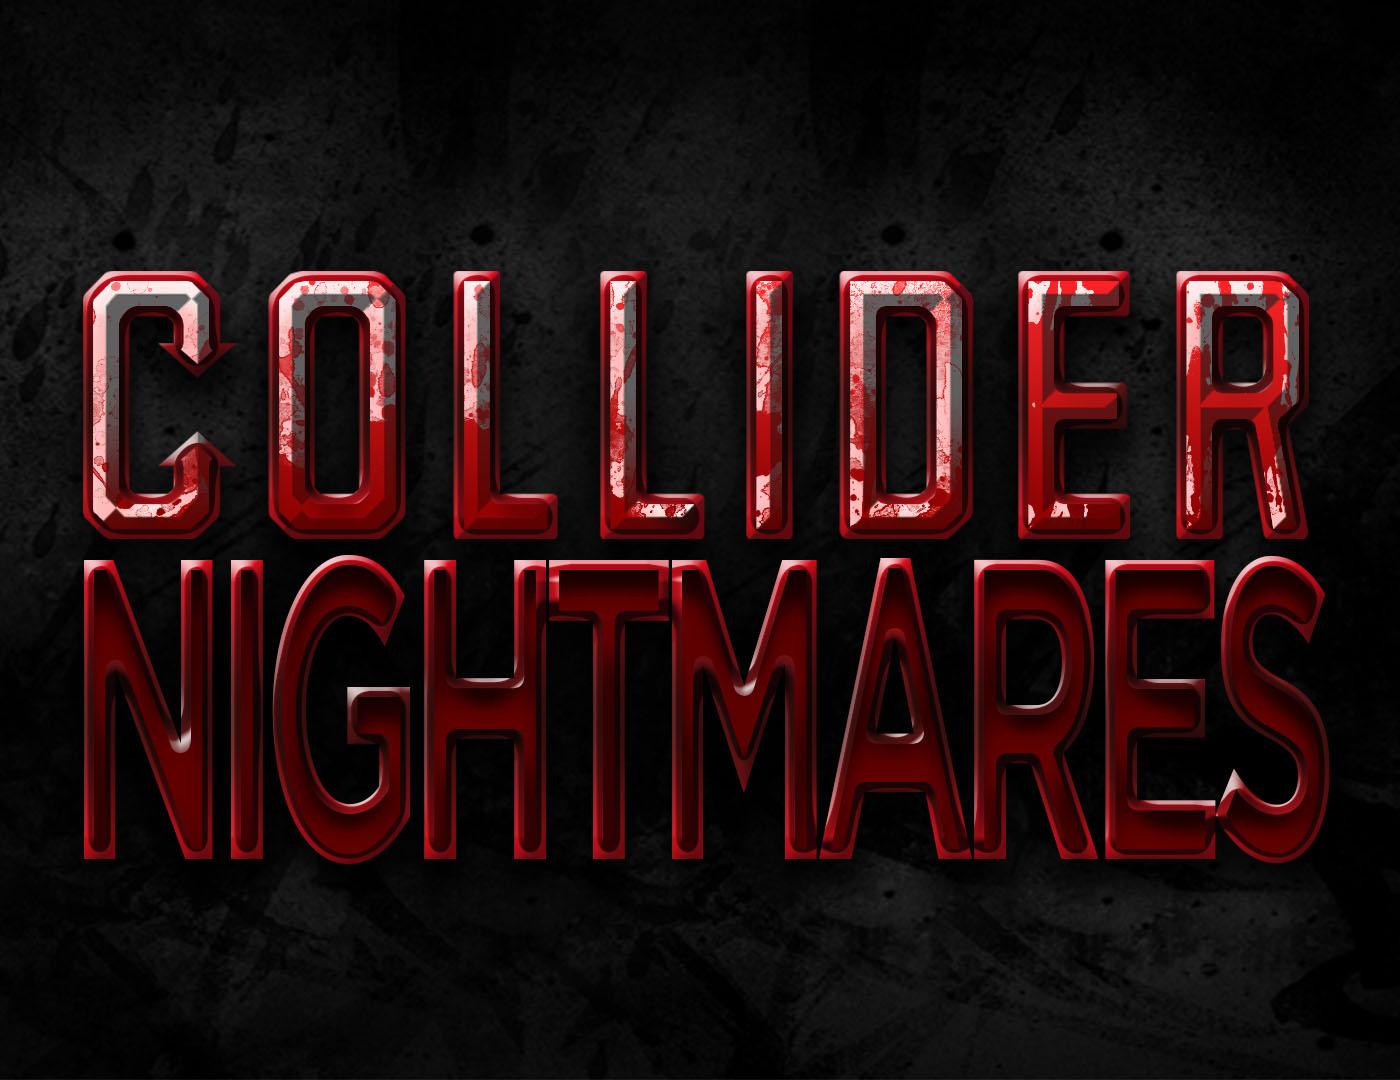 Collider Nightmares - Ouija 2 and Halloween Reboot Updates, The Omen Turns 40